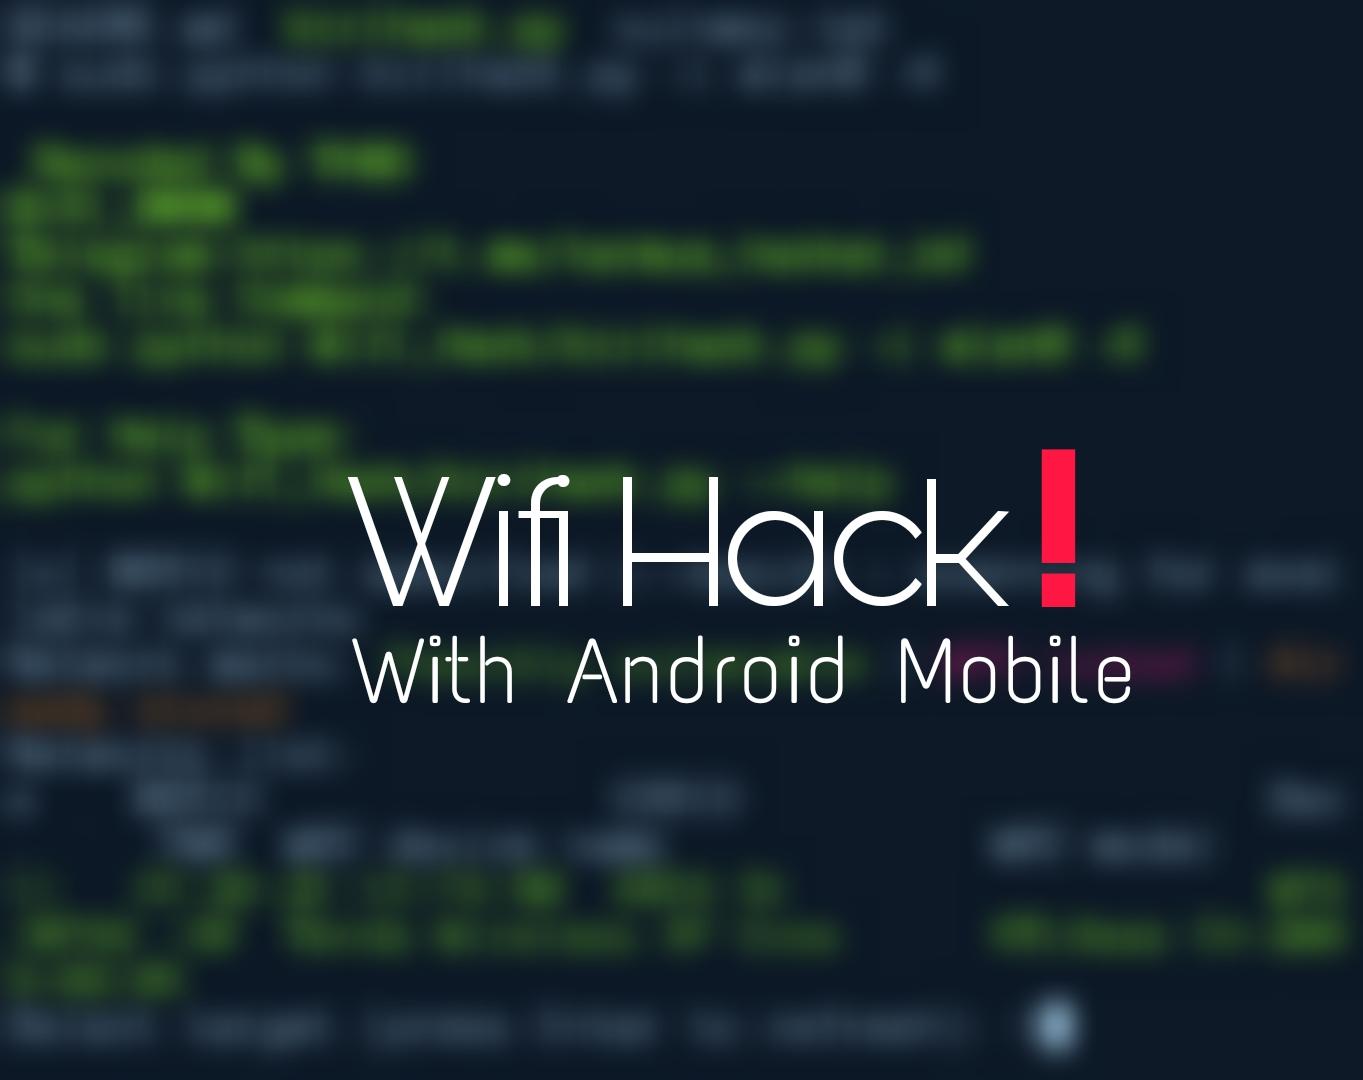 কিভাবে Wifi Hack করবেন মোবাইল দিয়ে?